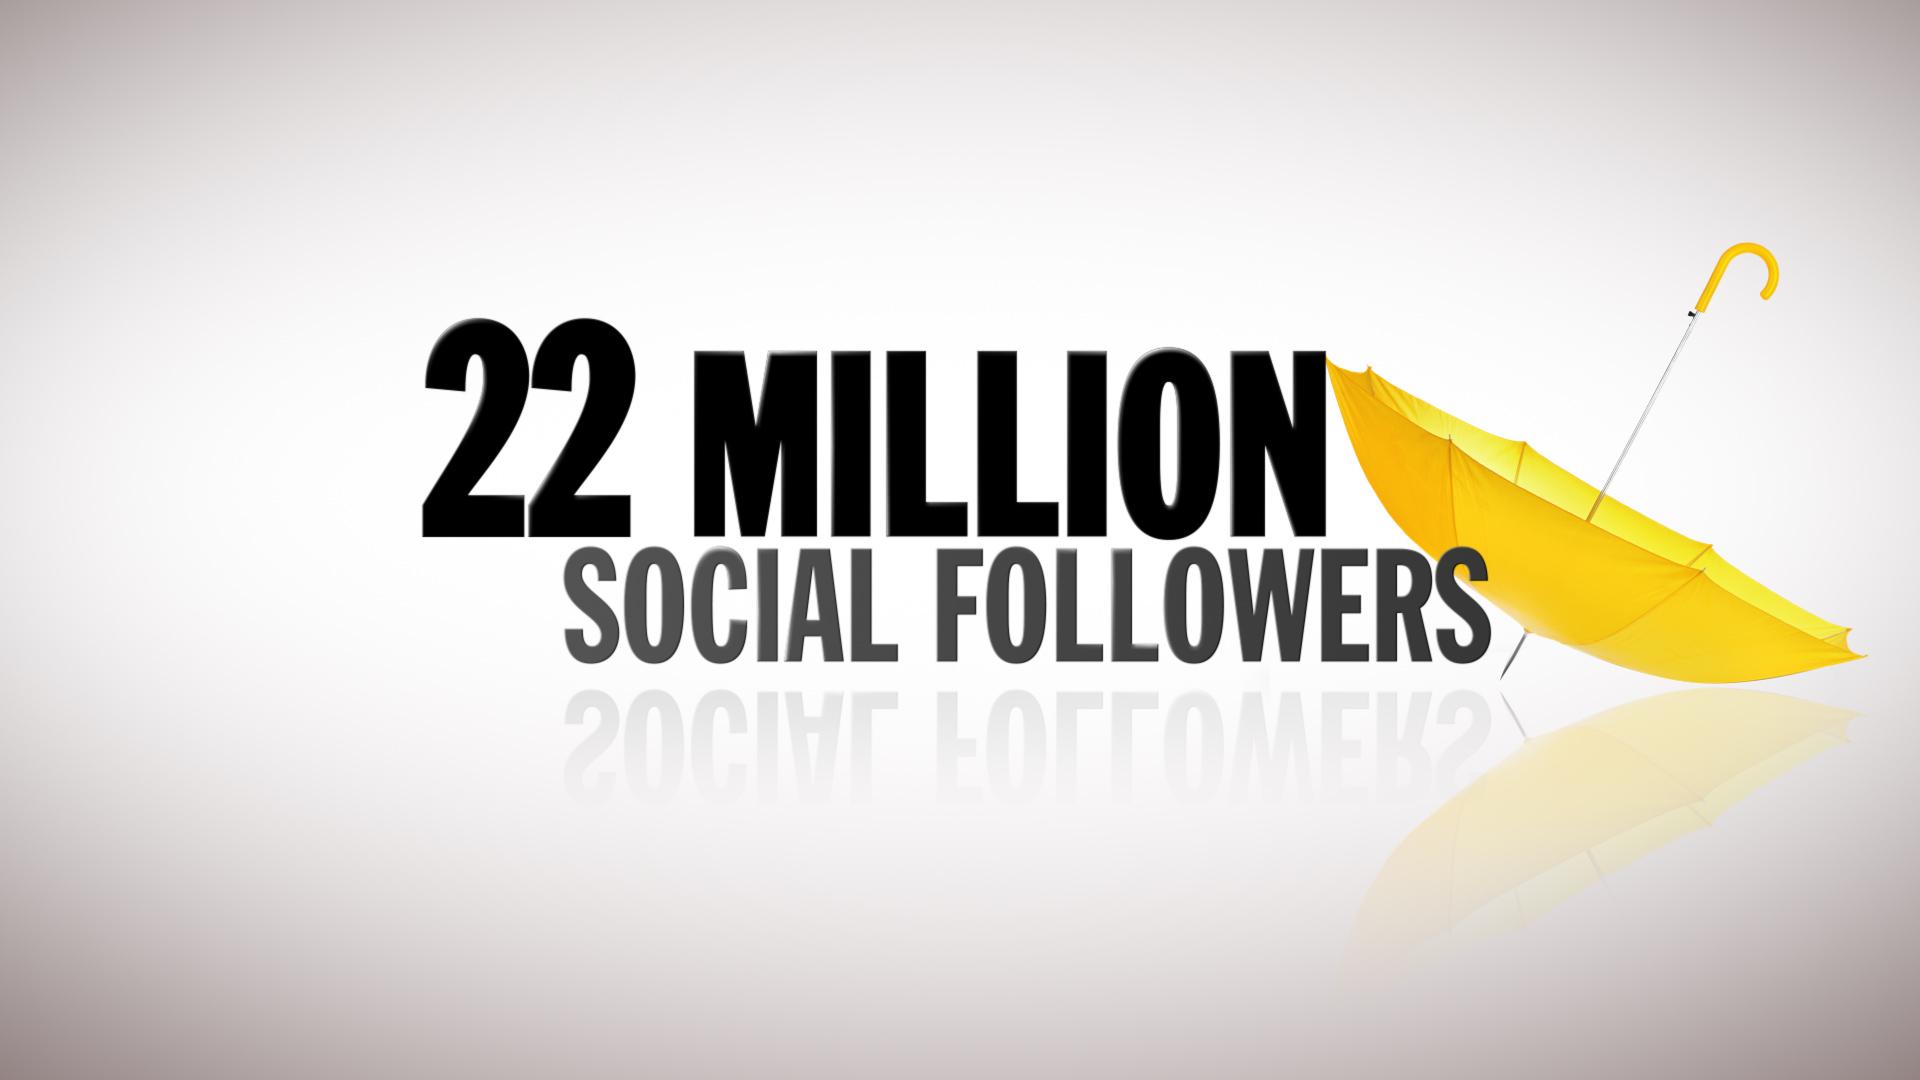 HMM_IN_22MillionsSocialFollowers_HD_kk_19.jpg